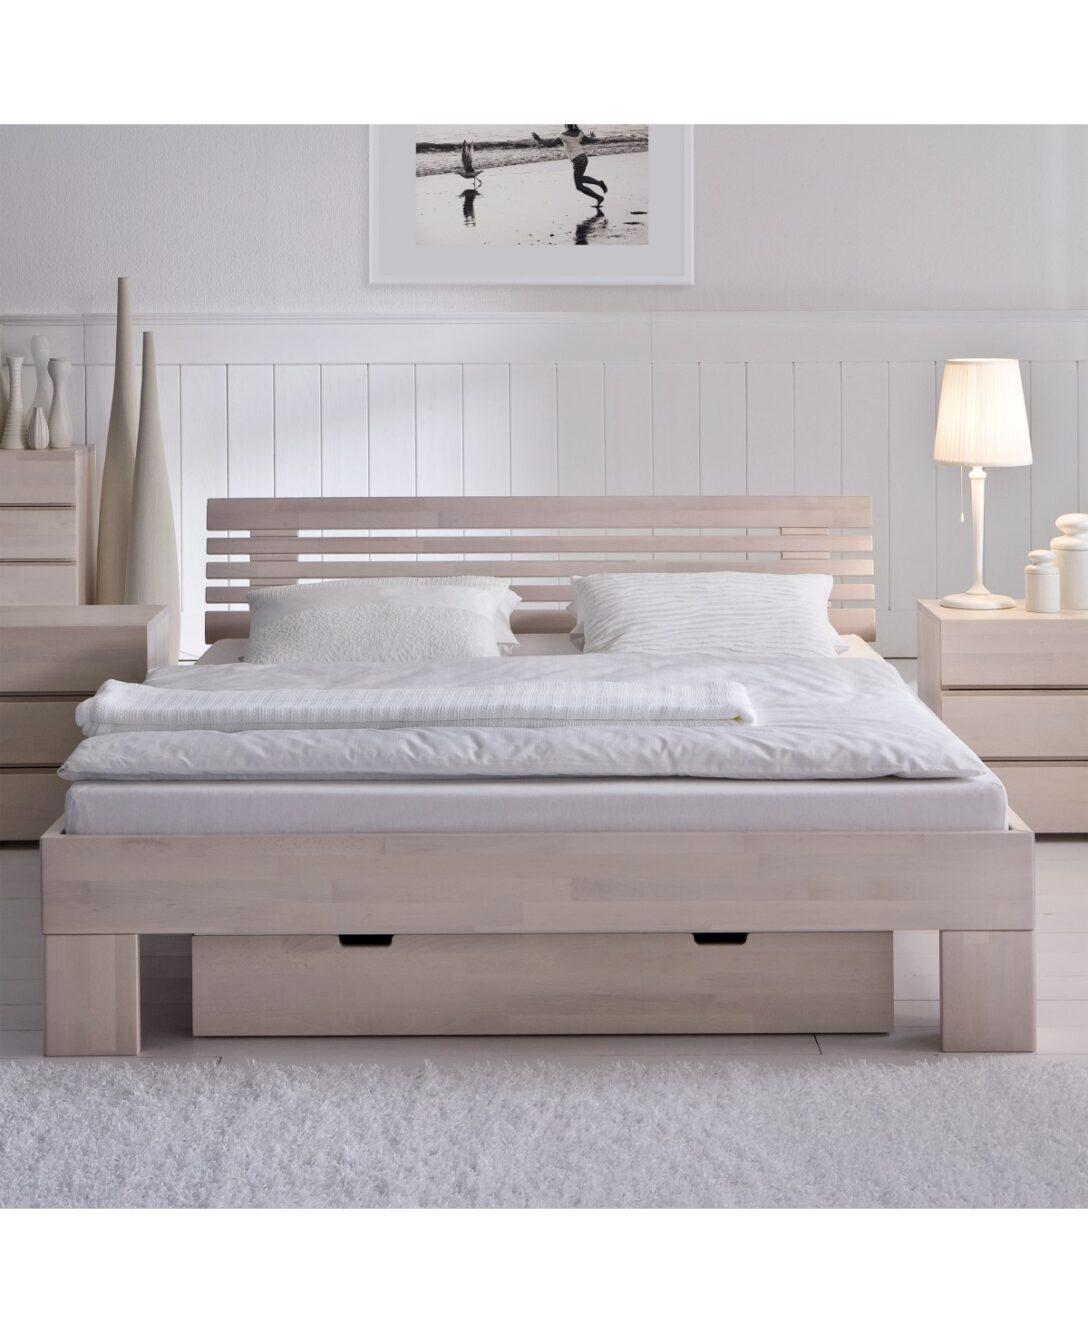 Large Size of Komplettbett 180x220 Hasena Wood Line Bett Buche Wei Kopfteil Litto Fe Massa 20 Wohnzimmer Komplettbett 180x220